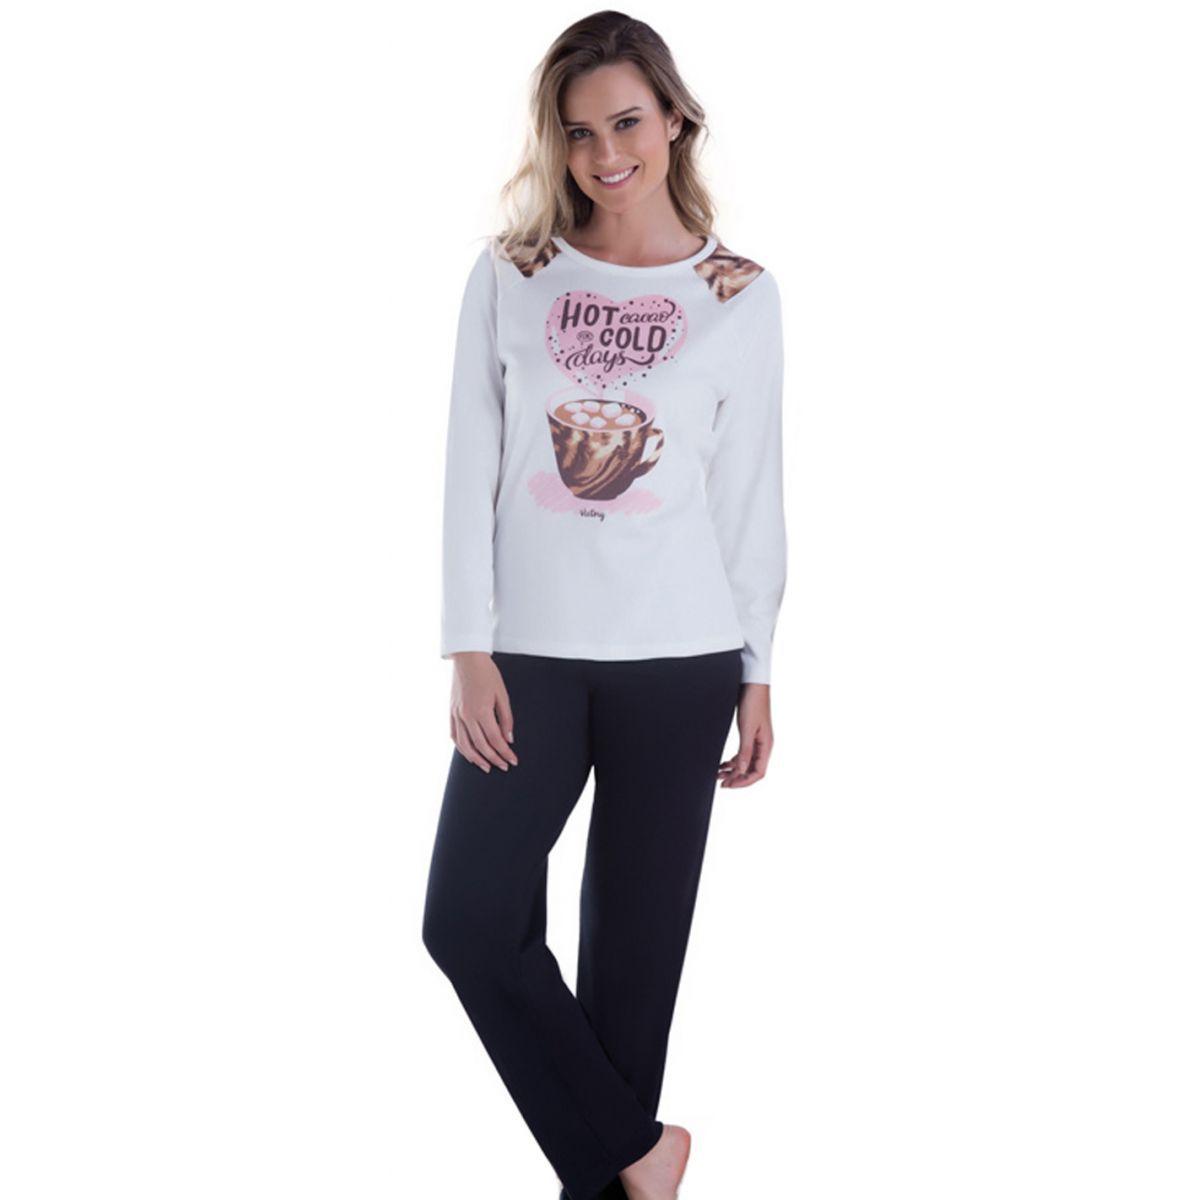 7a832dd4a Pijama Feminino Inverno Adulto - Victory 17100 - Sedução Lingerie